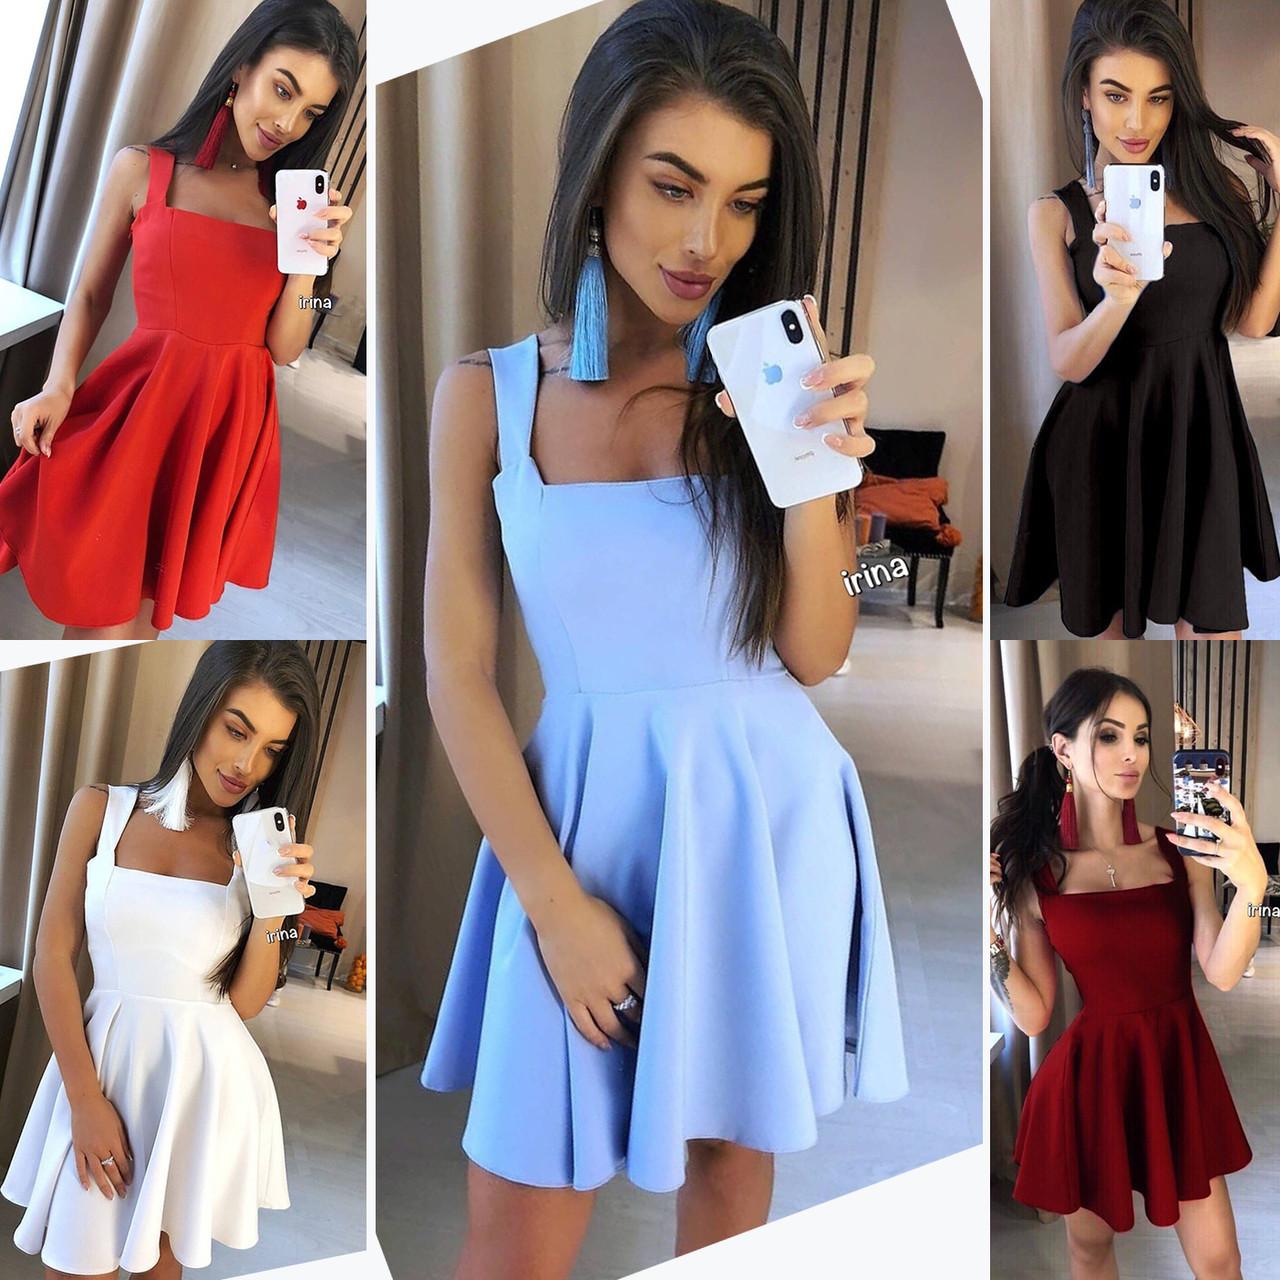 c466816ef67 Летнее женское платье красное черное голубое бордо белое - VikiShop.prom.ua  в Одессе